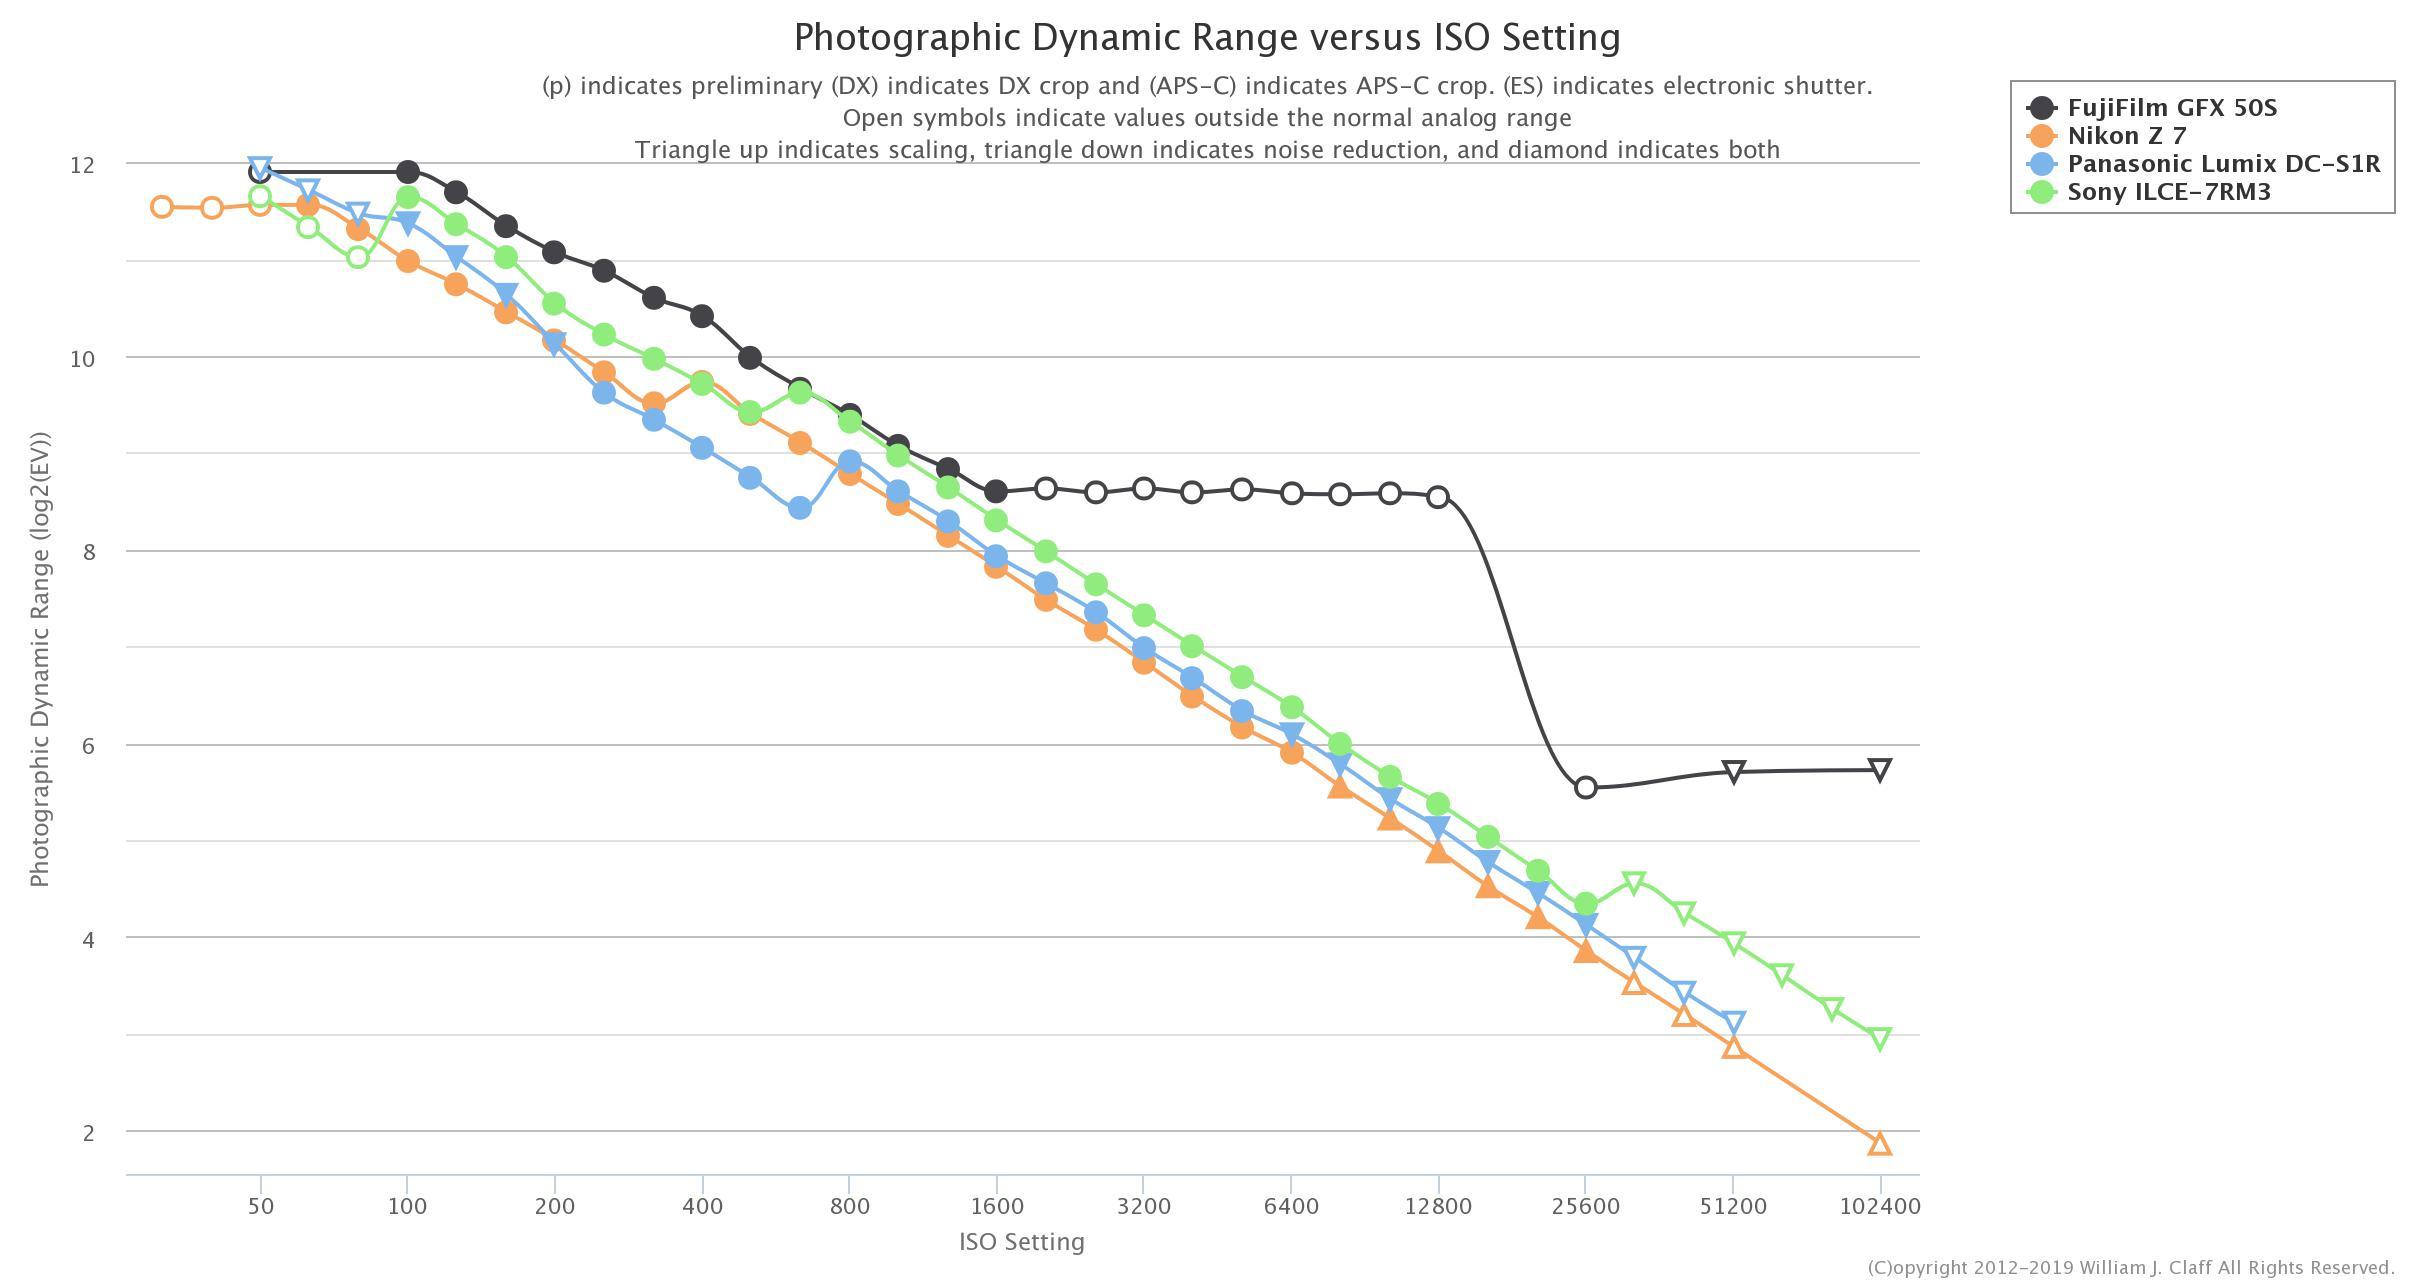 Photons to Photos: Fujifilm GFX50S vs Panasonic S1R vs